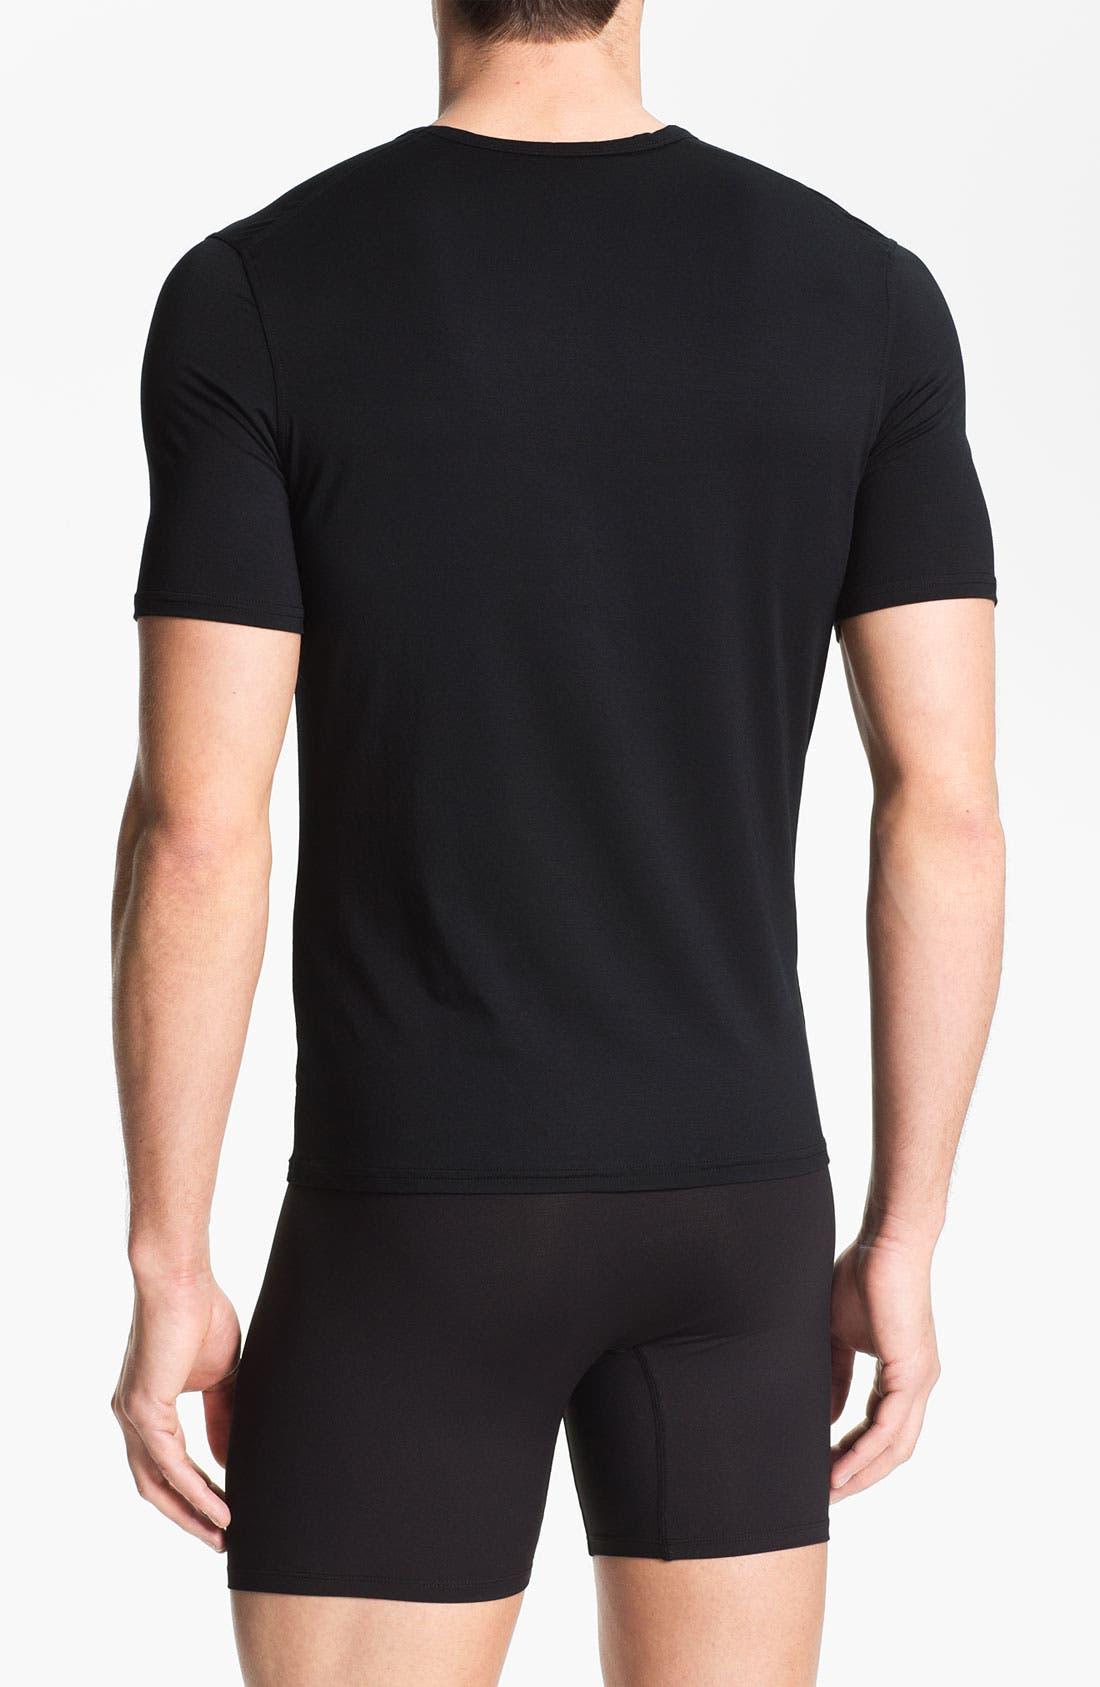 Alternate Image 2  - Naked V-Neck Micromodal Undershirt